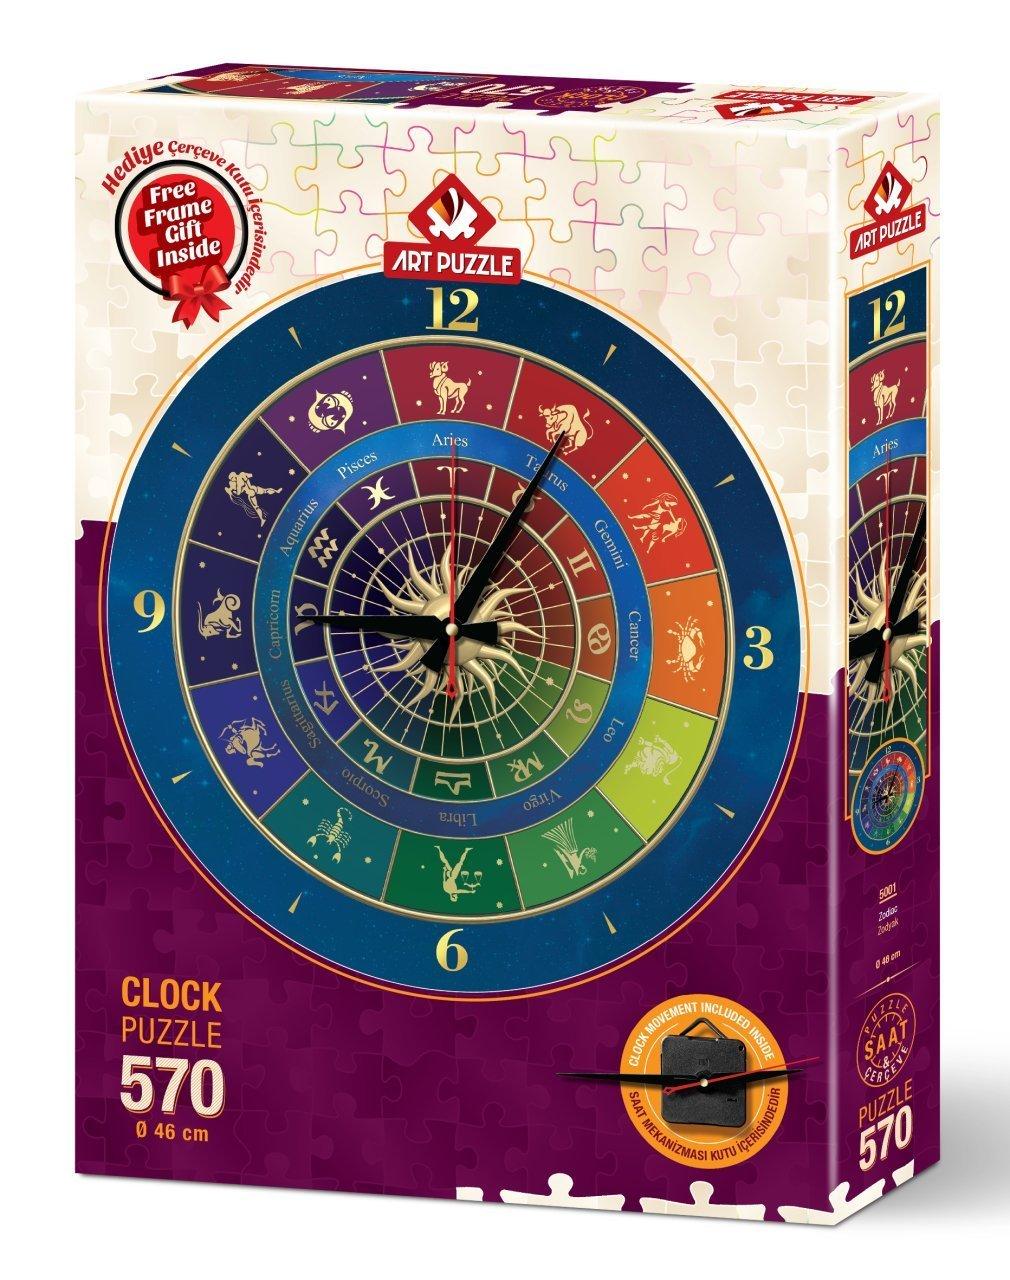 Puzzle Reloj Art Puzzle Zodiaco 570 Piezas